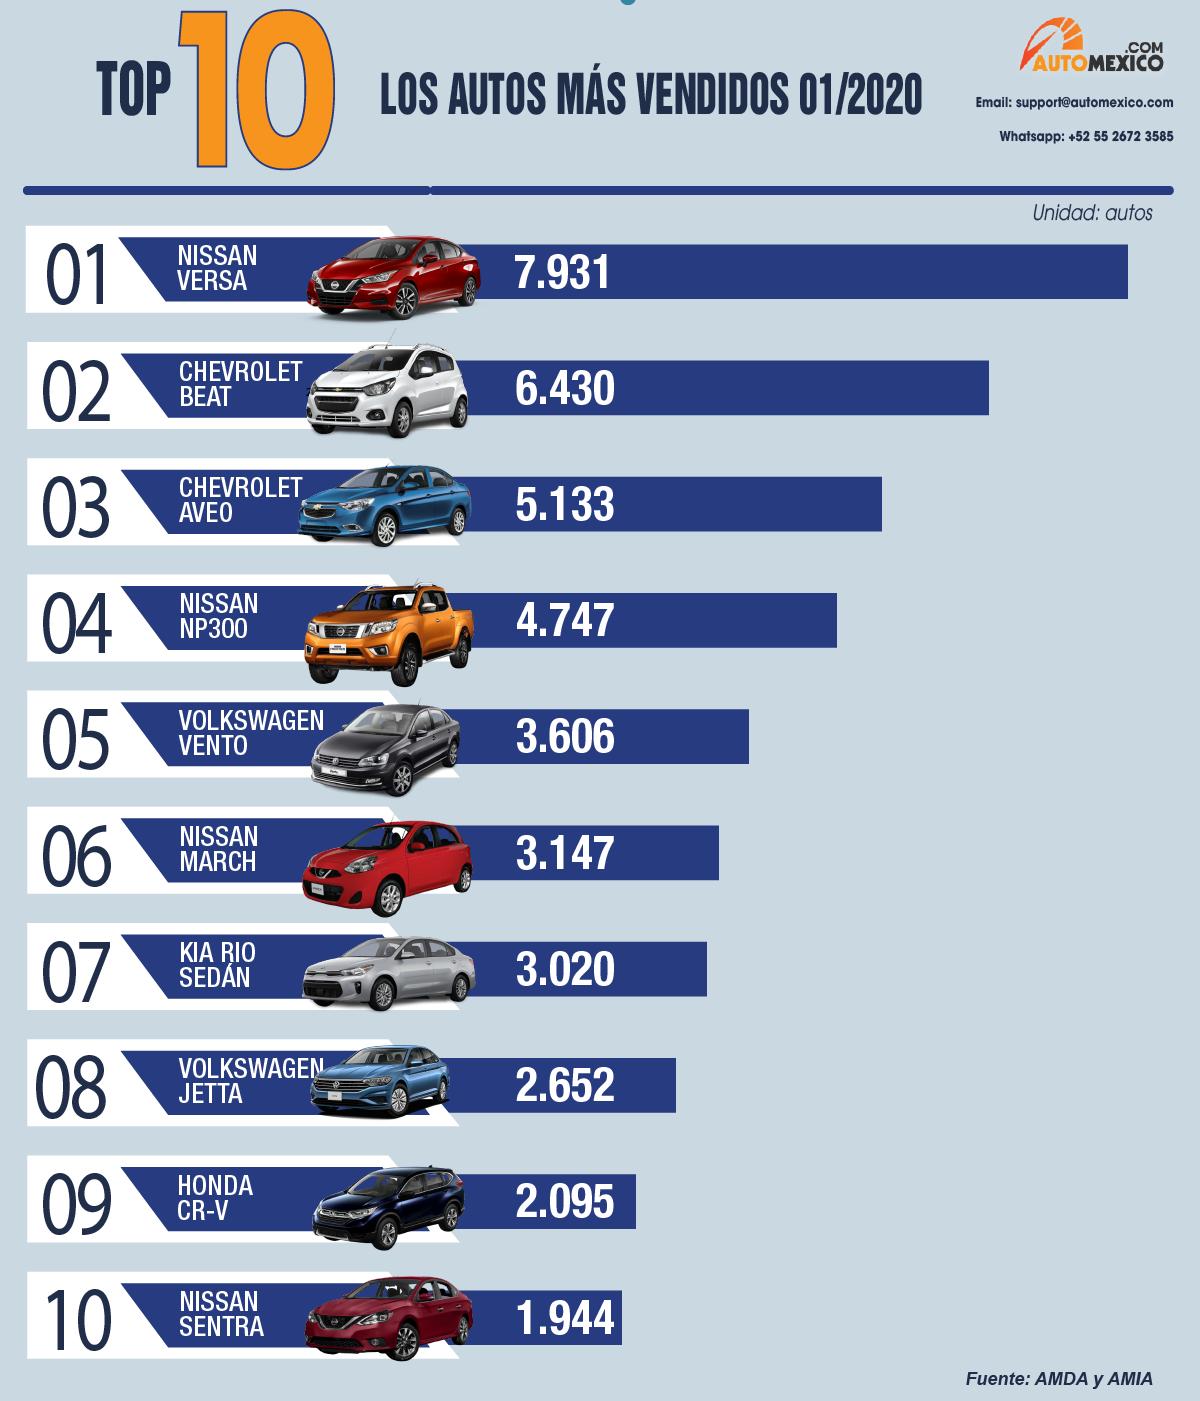 Los autos más vendidos en enero 2020 en México